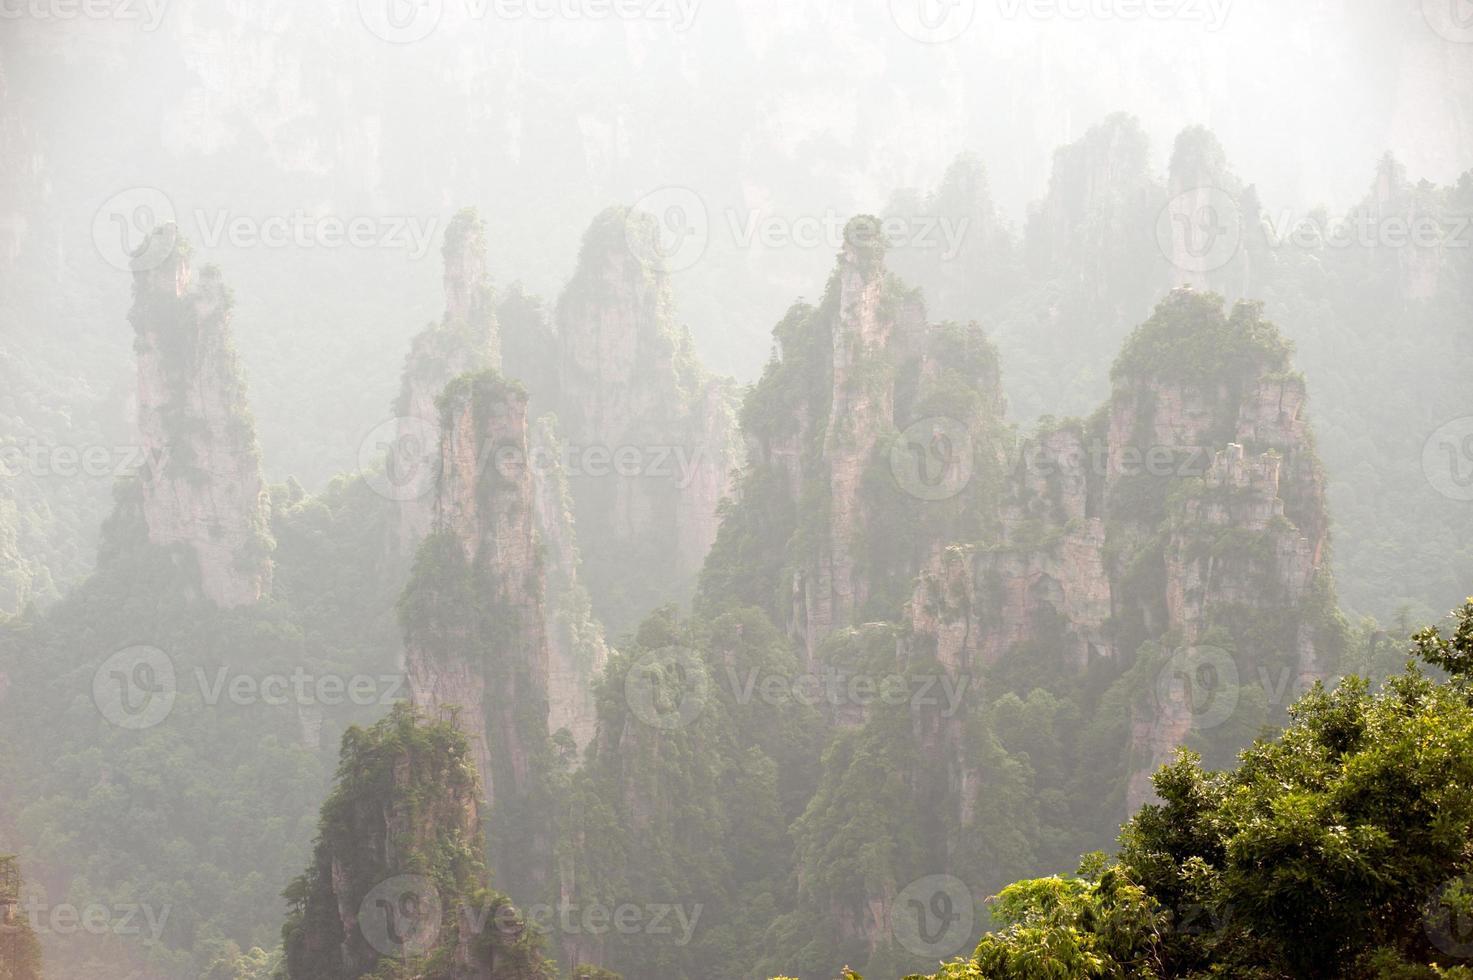 parte da área cênica de wulingyuan da parte da floresta nacional de zhangjiajie. foto